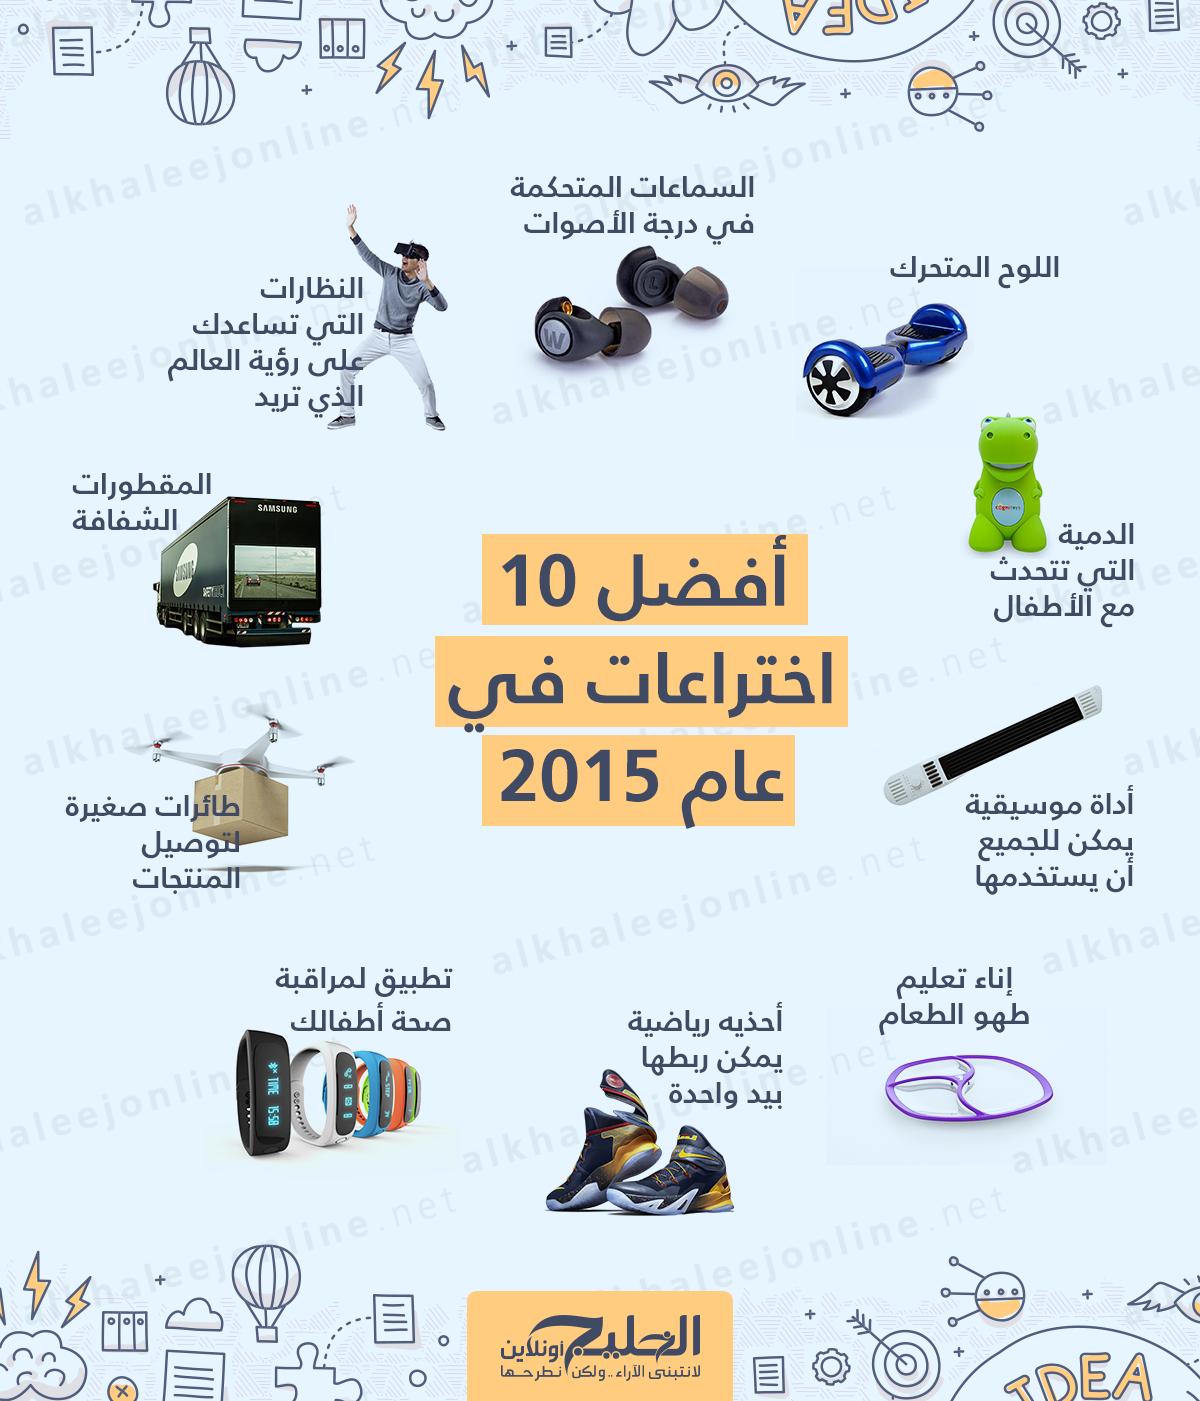 اختراعات-2015